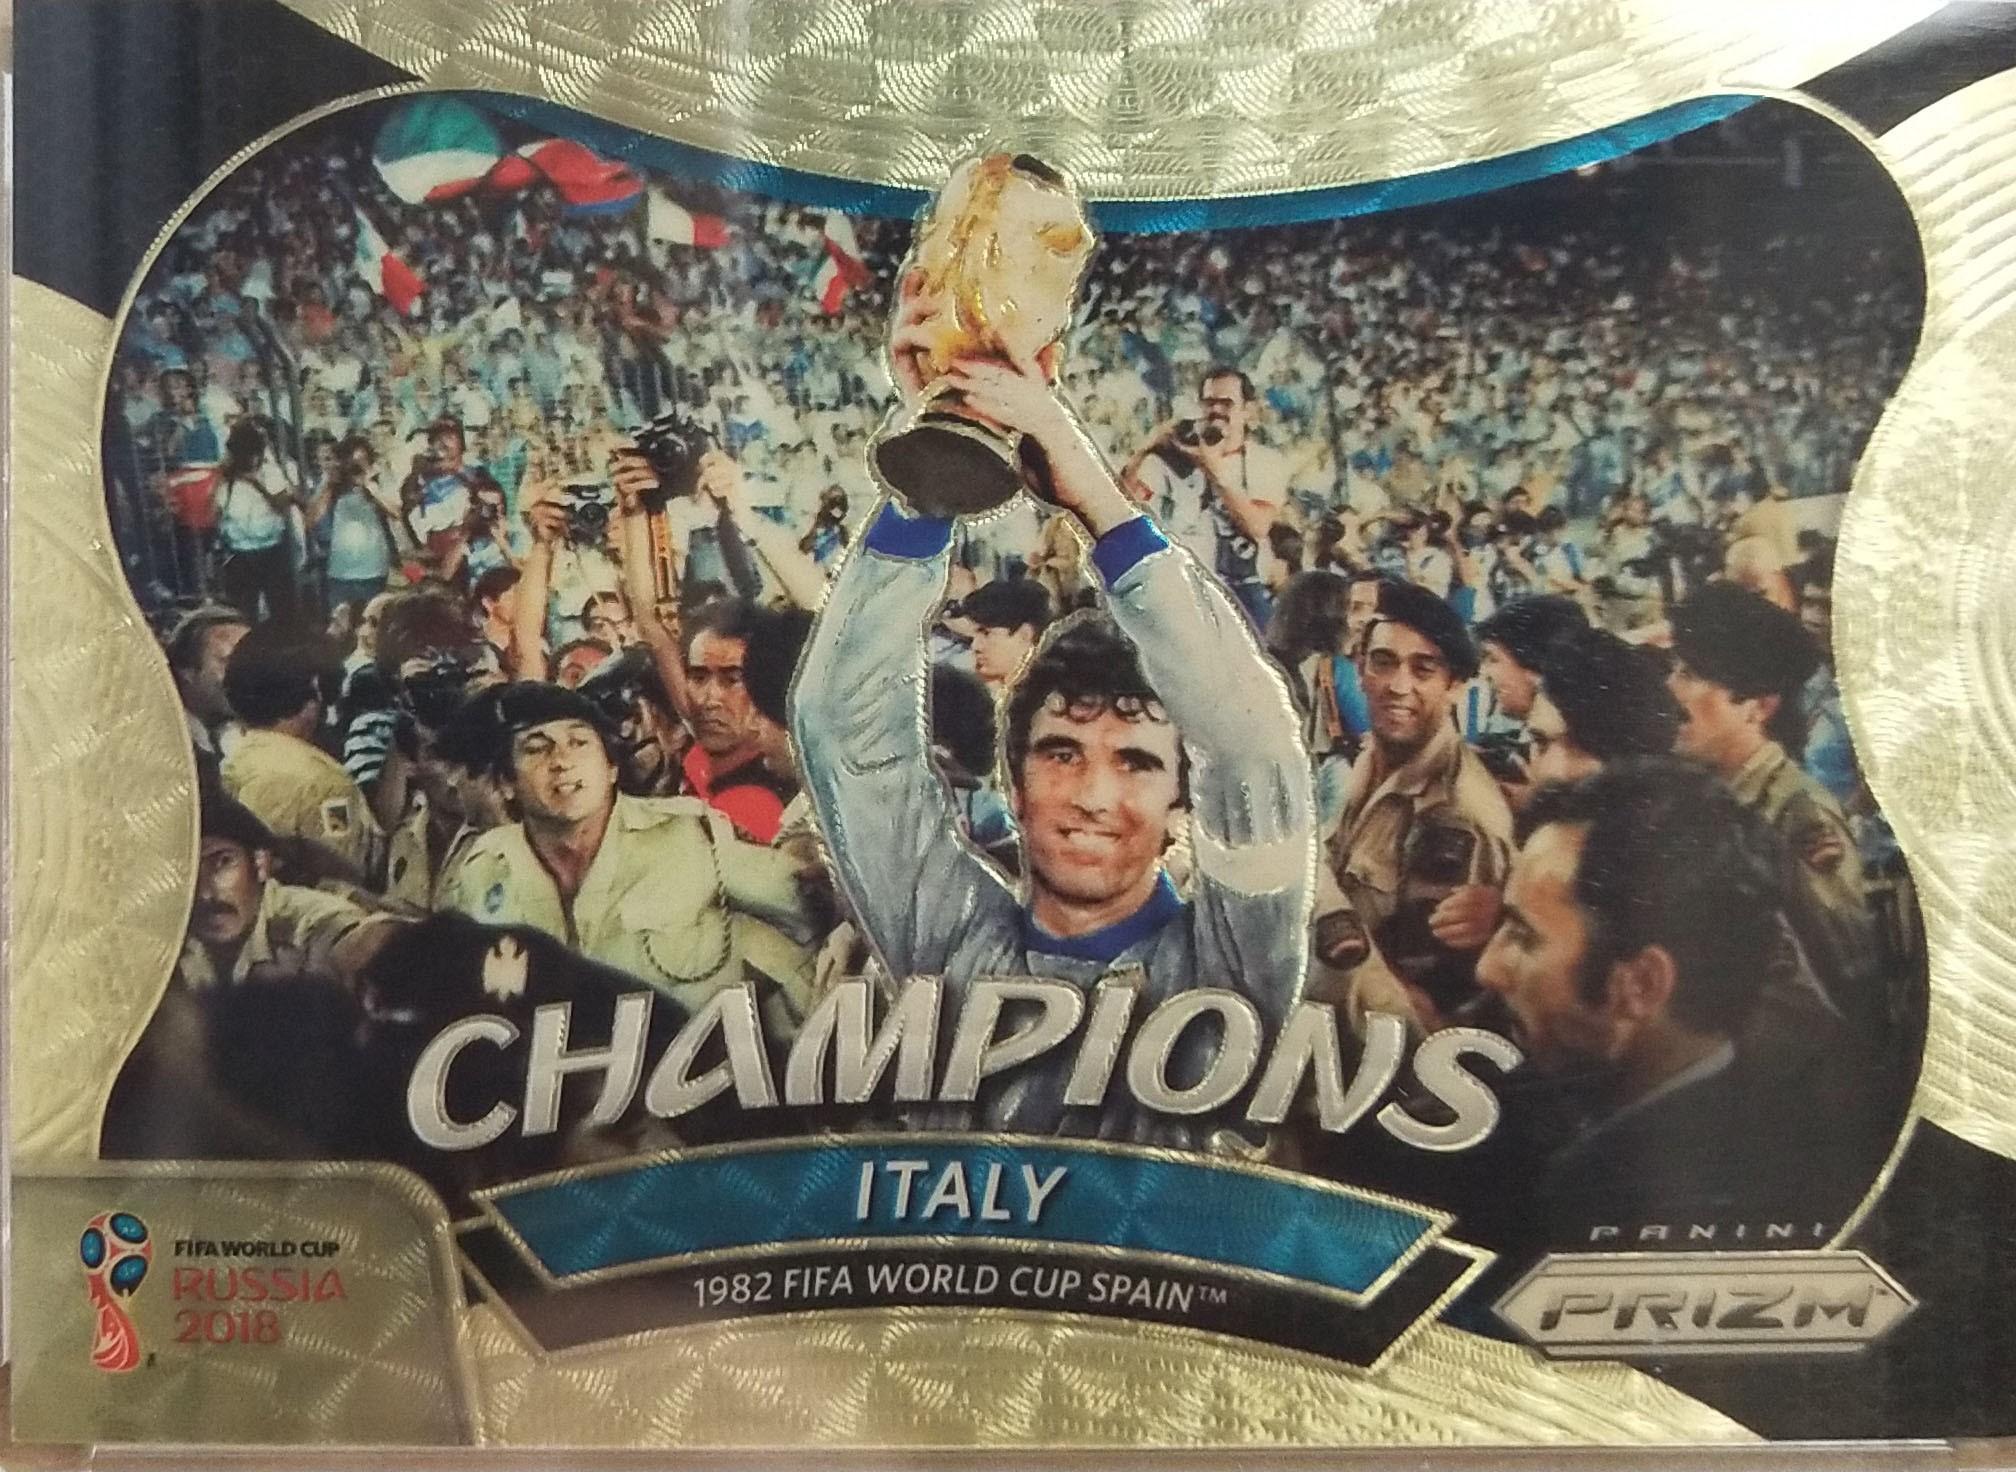 【自若清风】2018Panini帕尼尼俄罗斯世界杯Italy意大利意大利5/5NO.9特卡